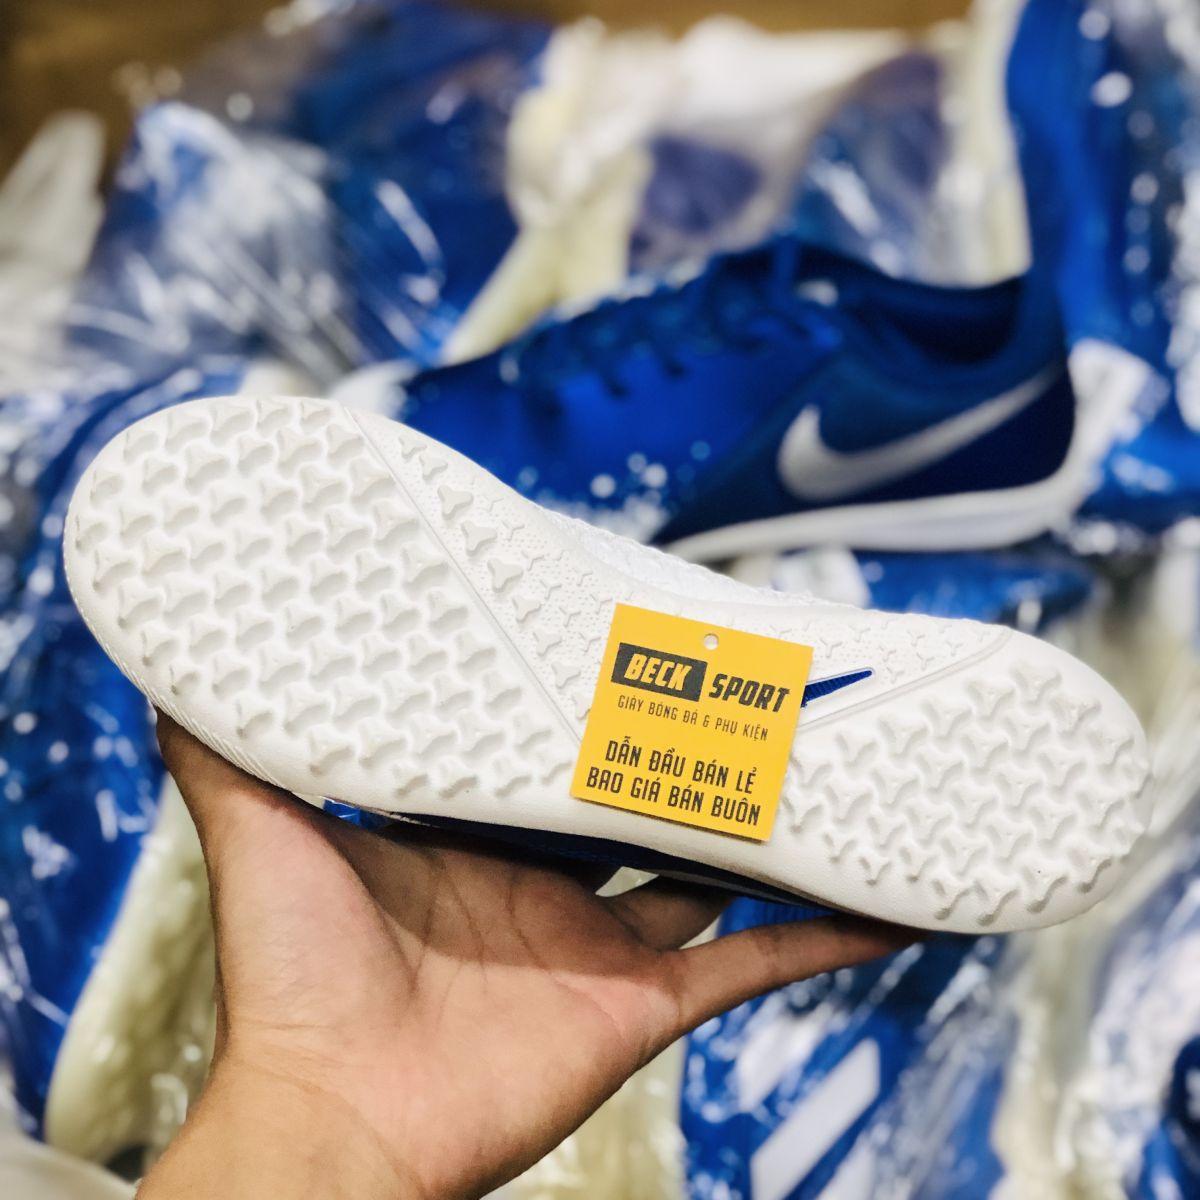 Giày Bóng Đá Nike Phantom VSN Xanh Biển Vạch Trắng Đế Trắng Gót Lưới TF